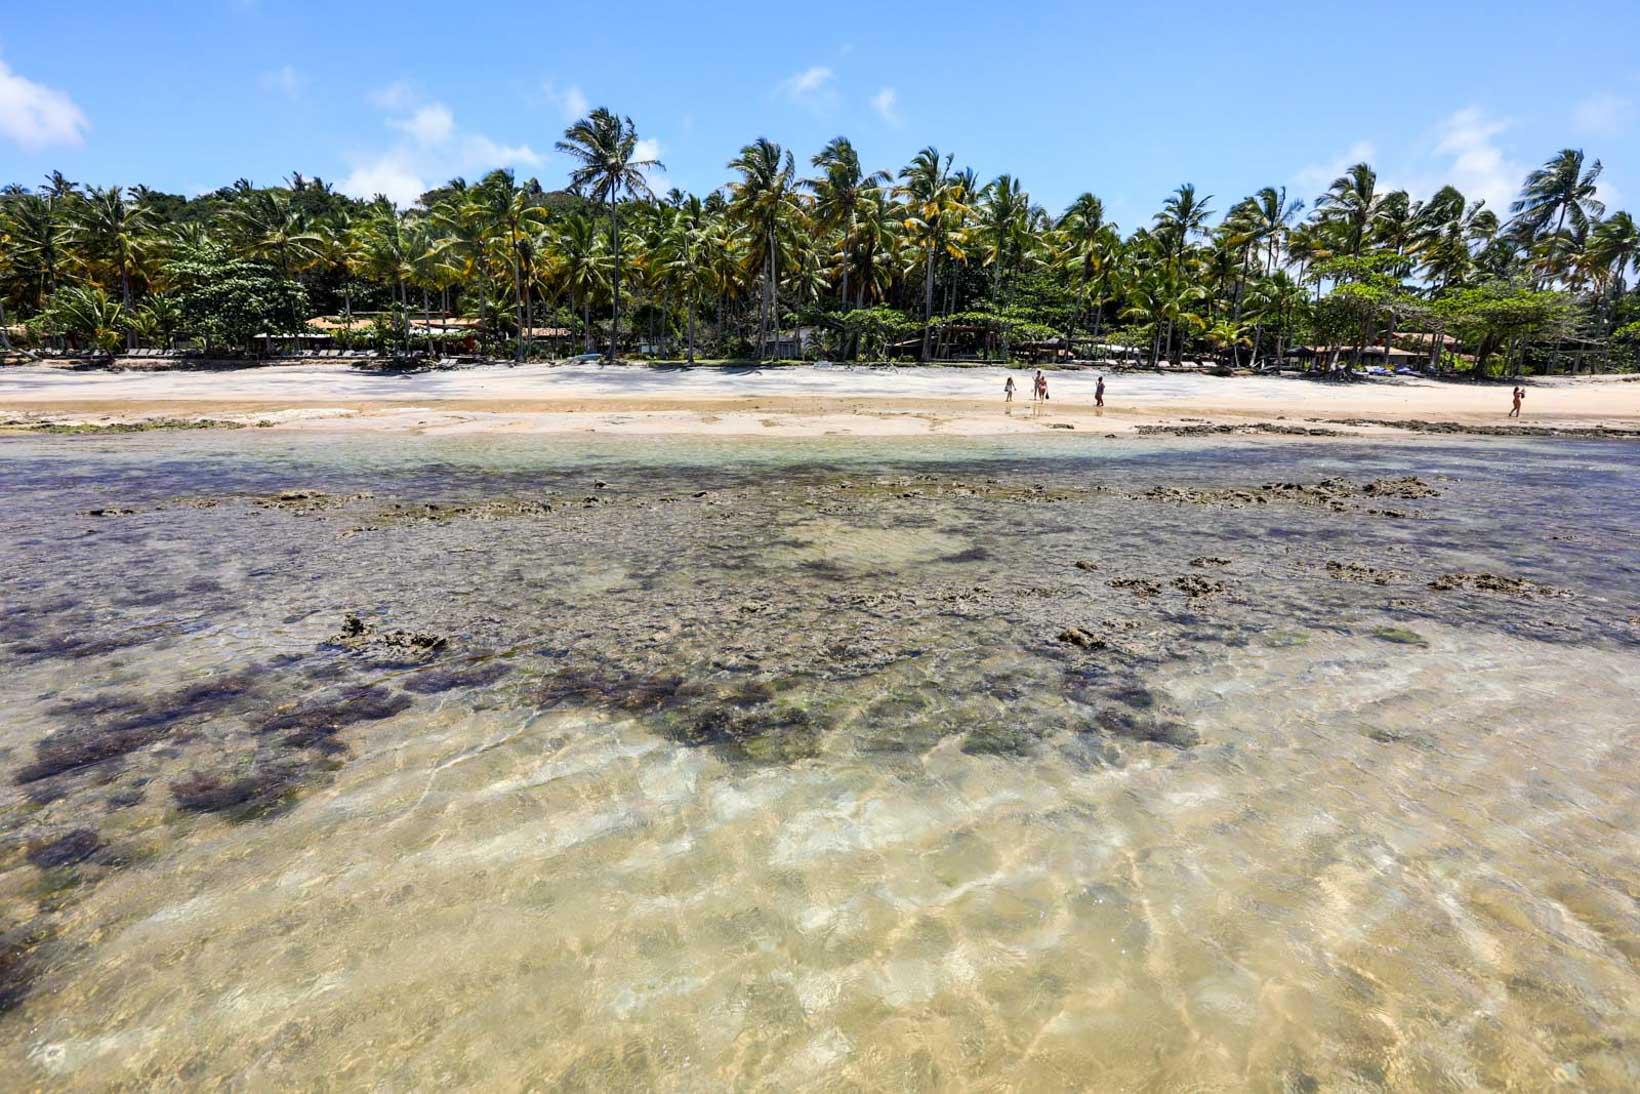 Praia do Espelho piscinas naturais